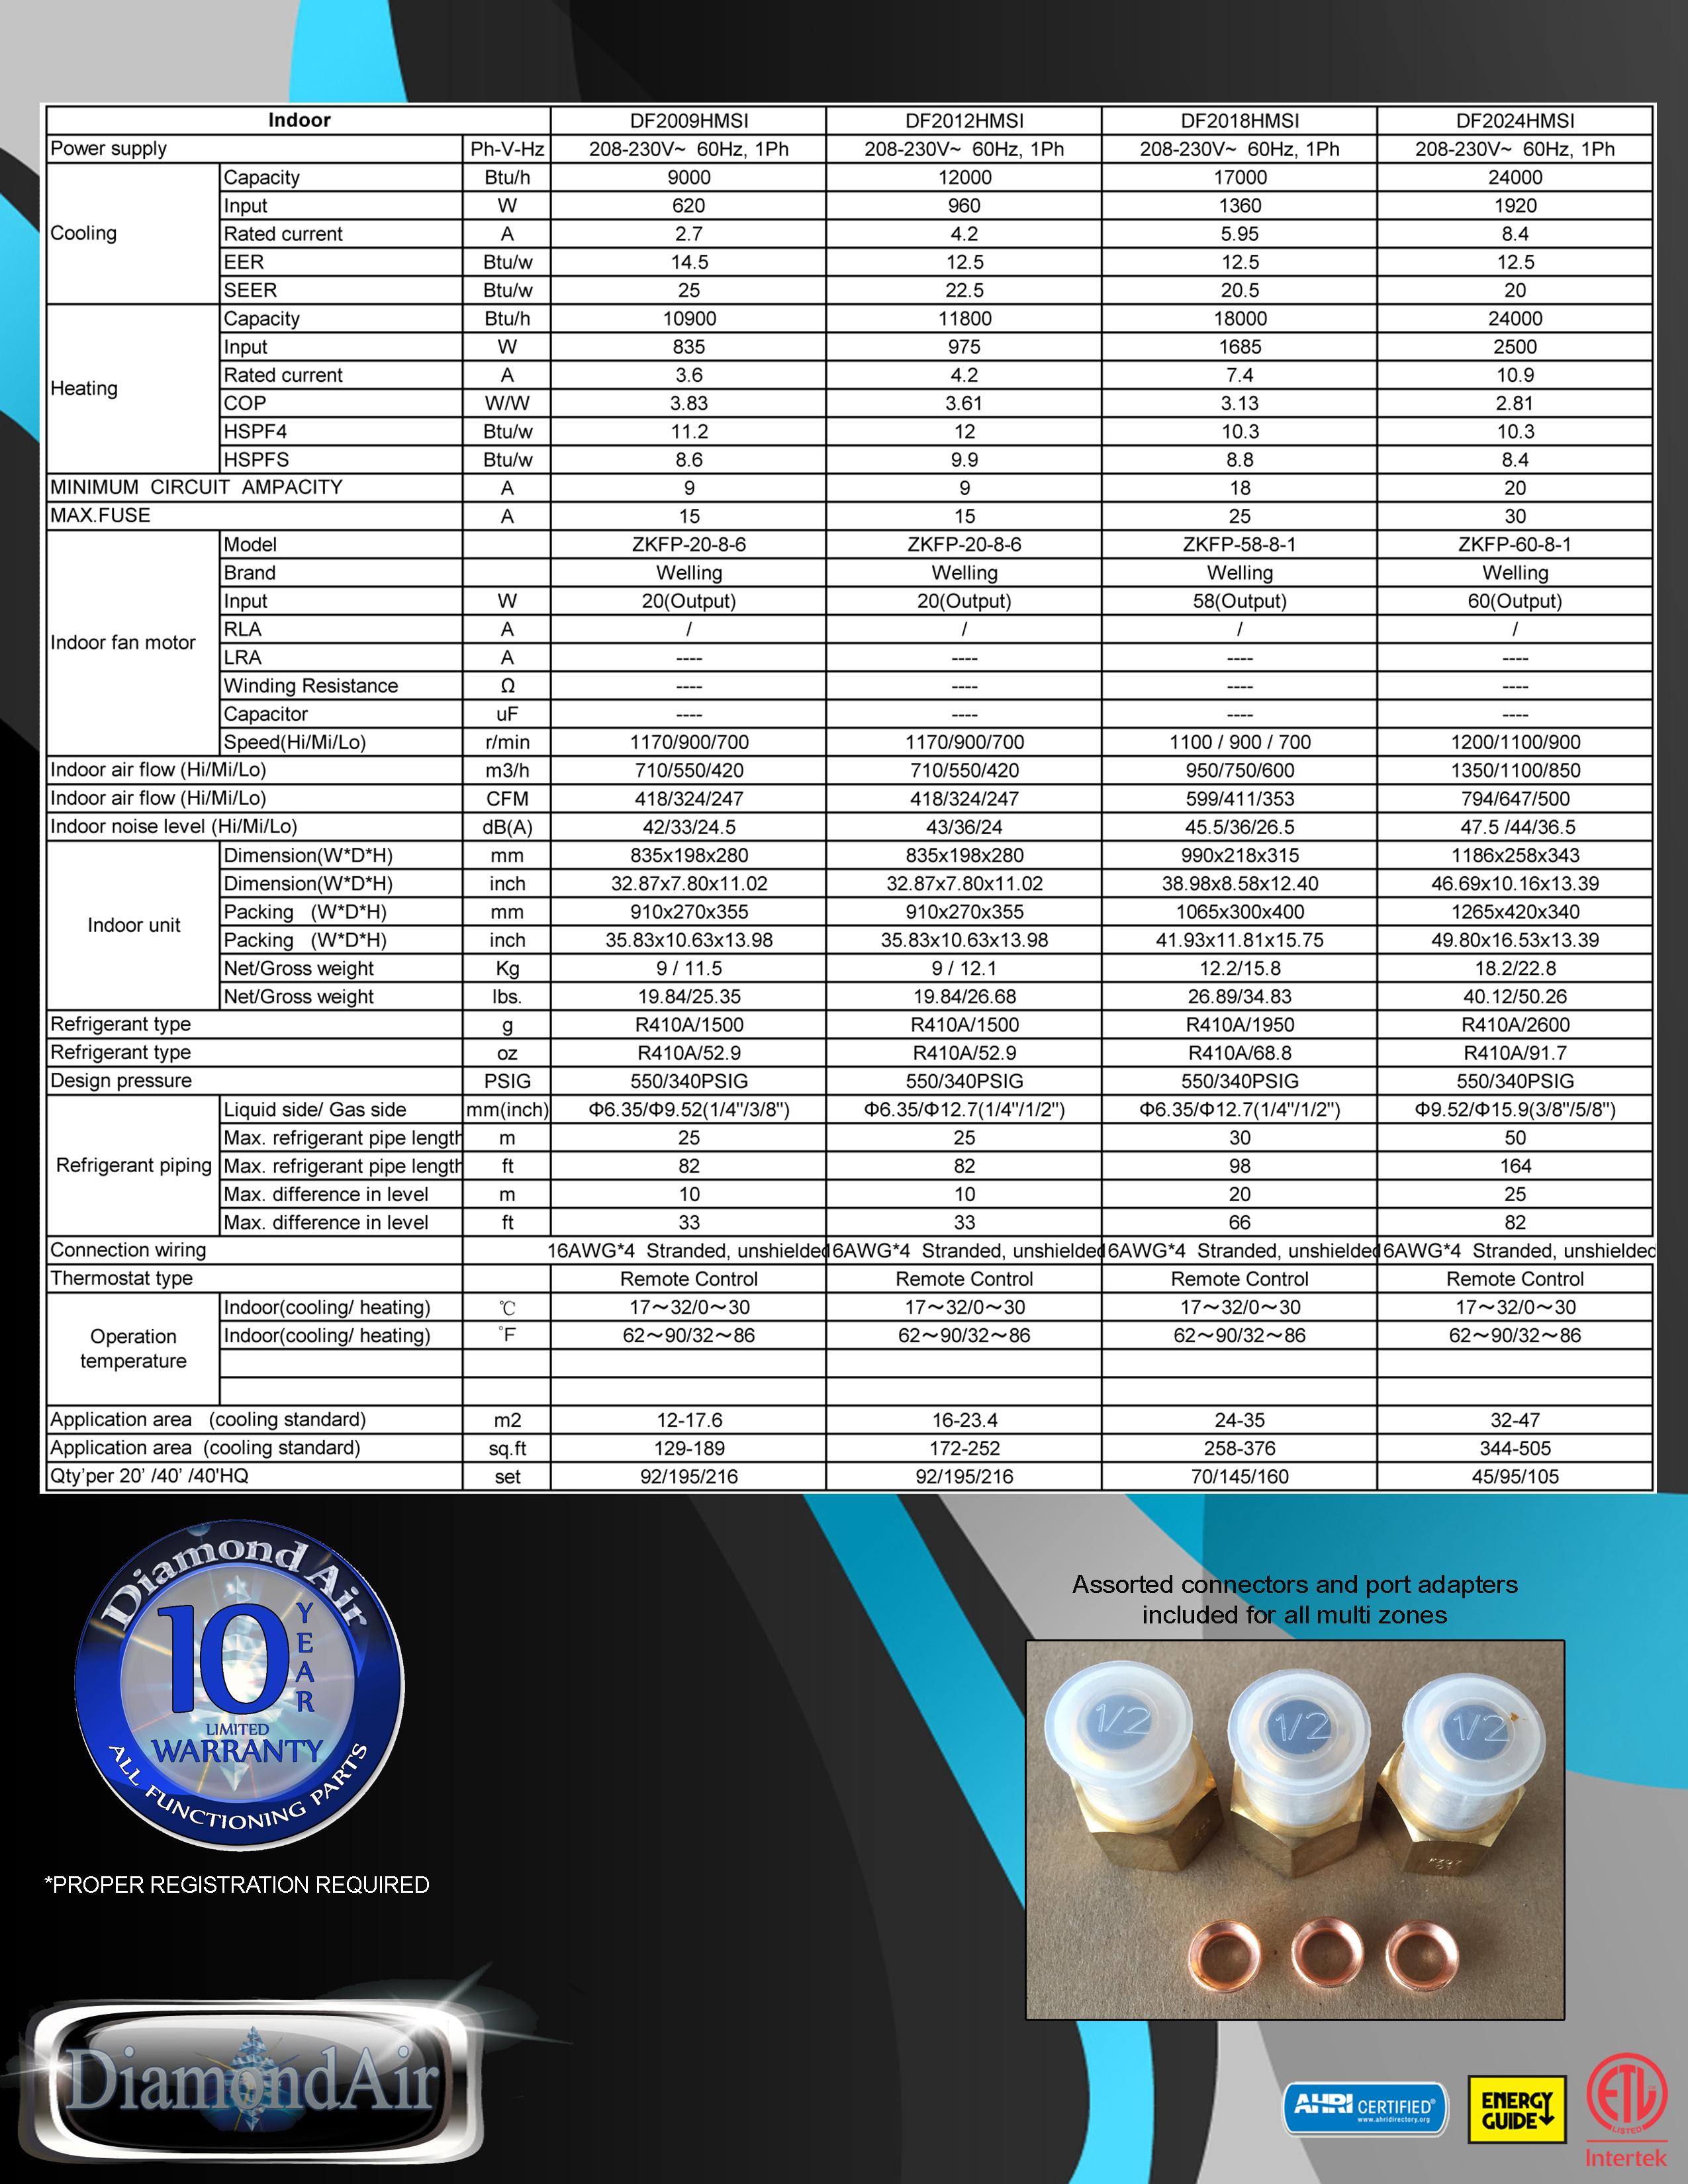 marvair wiring diagram, centurion wiring diagram, weather king wiring diagram, general wiring diagram, heat controller wiring diagram, evcon wiring diagram, sears wiring diagram, roper wiring diagram, viking wiring diagram, johnson controls wiring diagram, concord wiring diagram, lochinvar wiring diagram, panasonic wiring diagram, estate wiring diagram, broan wiring diagram, crosley wiring diagram, payne wiring diagram, columbia wiring diagram, climatrol wiring diagram, goettl wiring diagram, on janitrol 92 wiring diagram